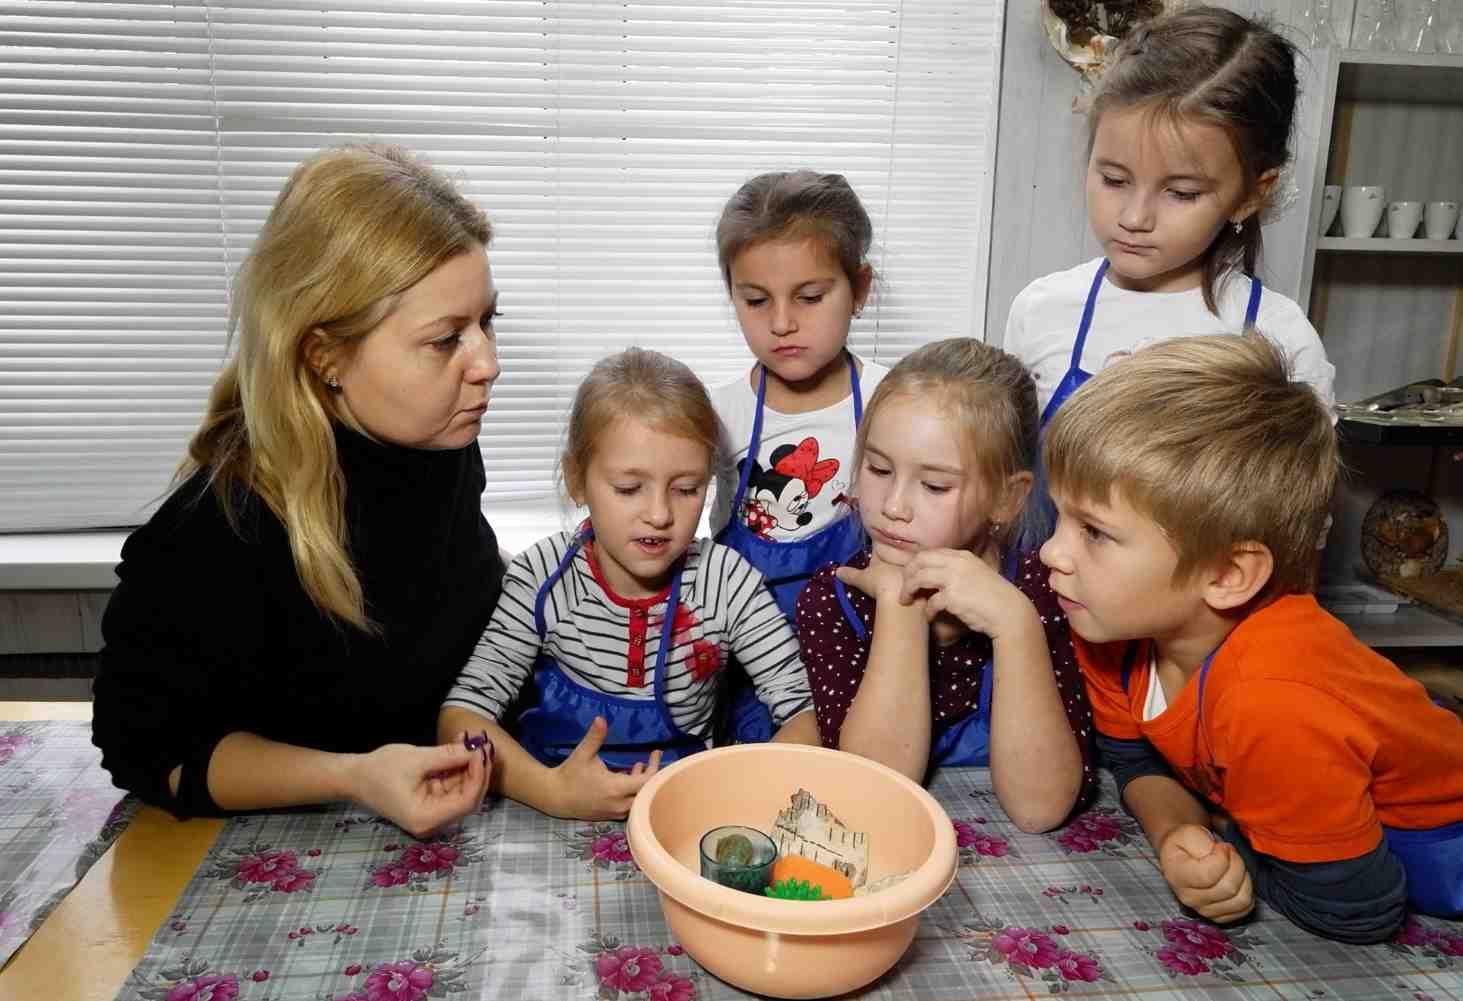 https://edu.gov.ru/press/928/v-rossii-vnedryat-sistemu-ranney-pomoschi-detyam-s-trudnostyami-v-razvitii-i-ih-semyam/